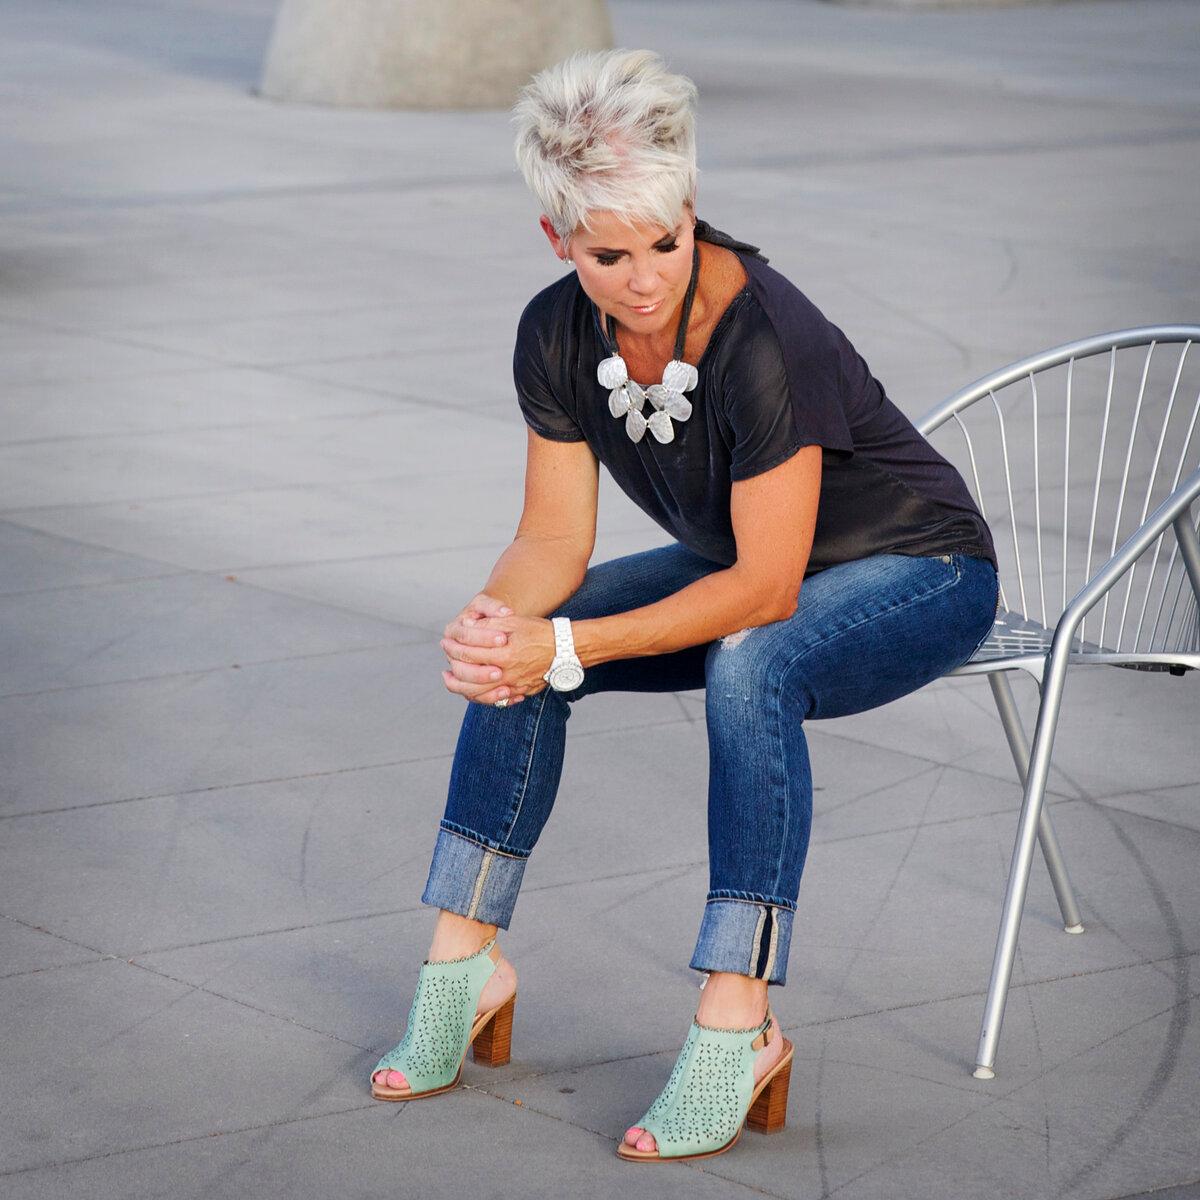 Женщина носит джинсы с широкими подворотами. /Фото: static.wixstatic.com